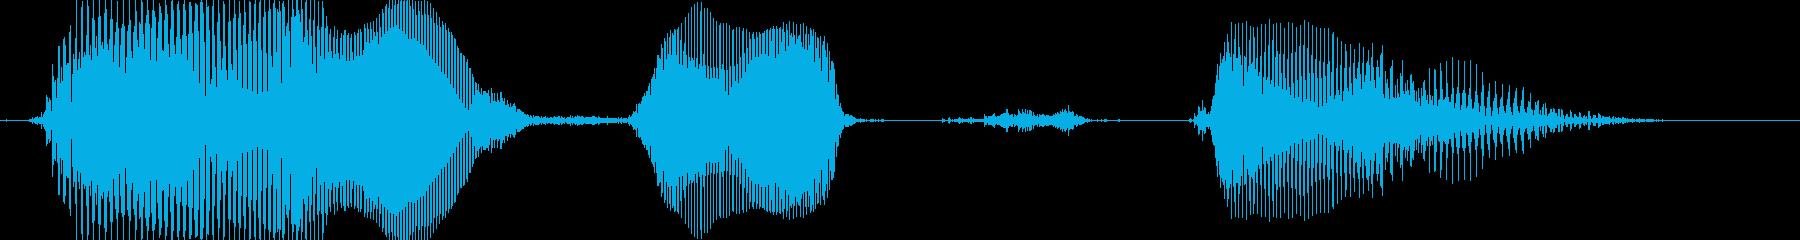 パーフェクトの再生済みの波形